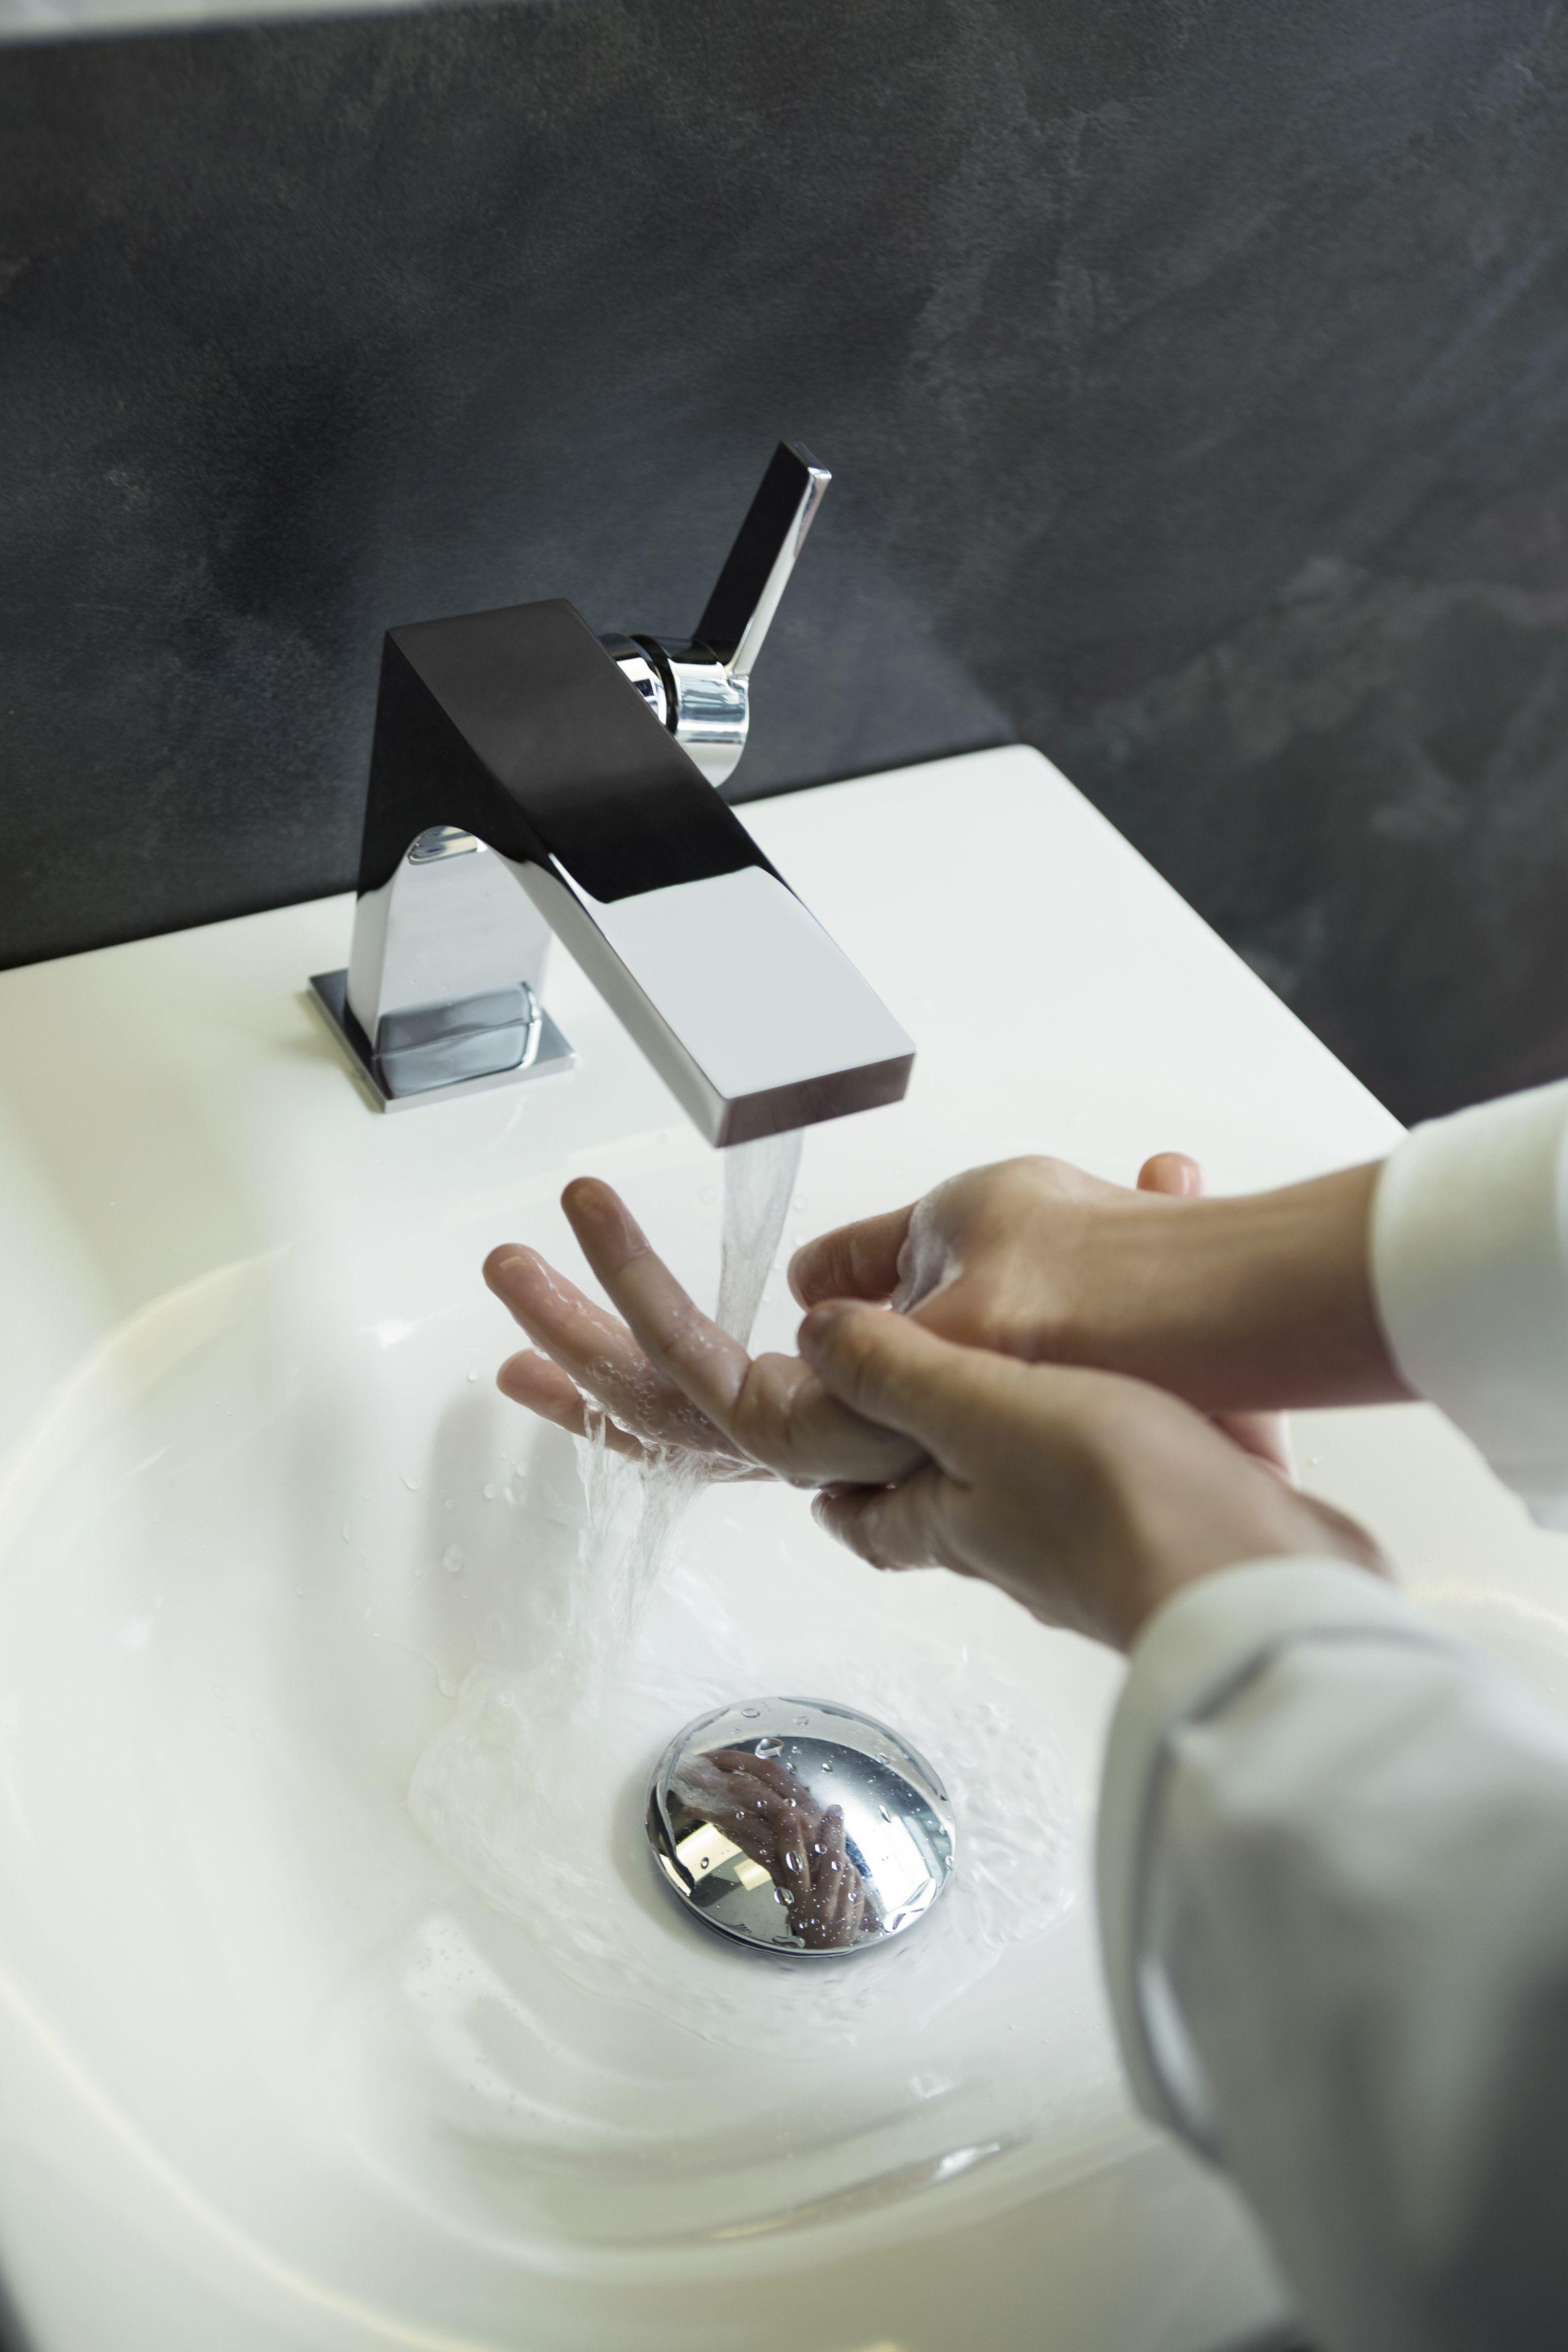 KEUCO EDITION 11 GB BathroomFurniture Architecture Design